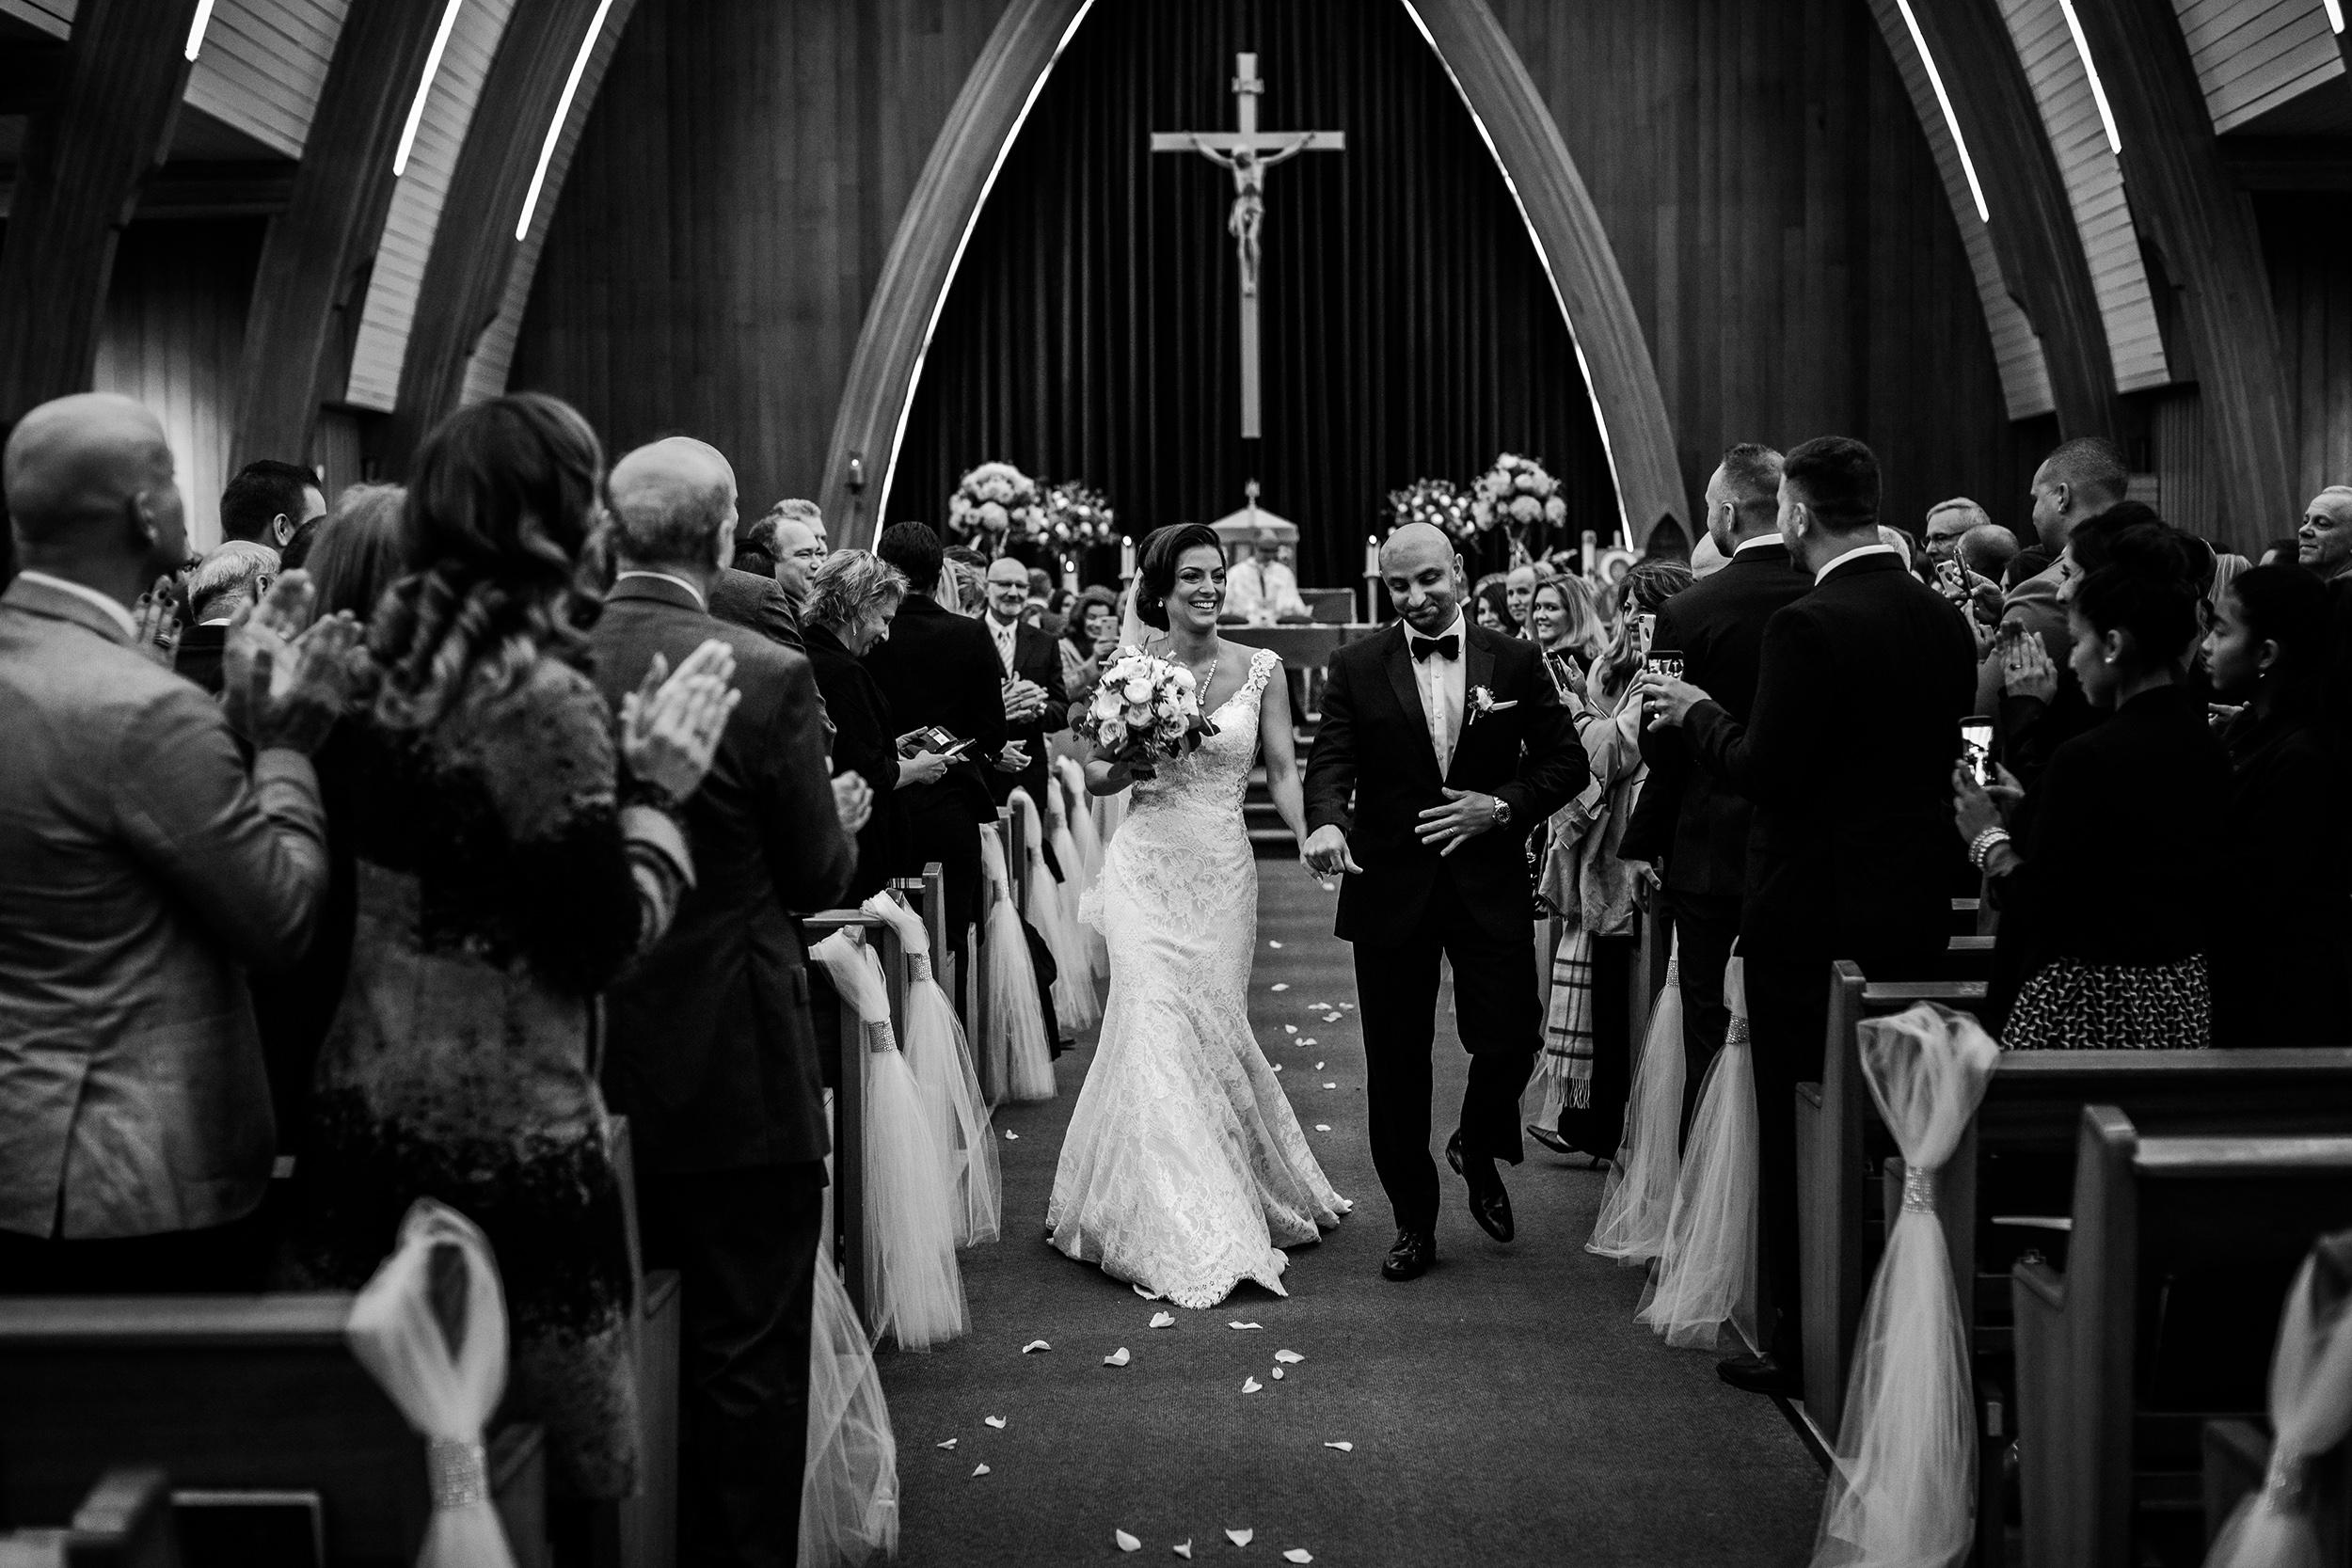 Pitt Meadows Wedding Photographer - Sky Hangar Wedding Photos - Vancouver Wedding Photographer & Videographer - Sunshine Coast Wedding Photos - Sunshine Coast Wedding Photographer - Jennifer Picard Photography - 1A5A1371.jpg